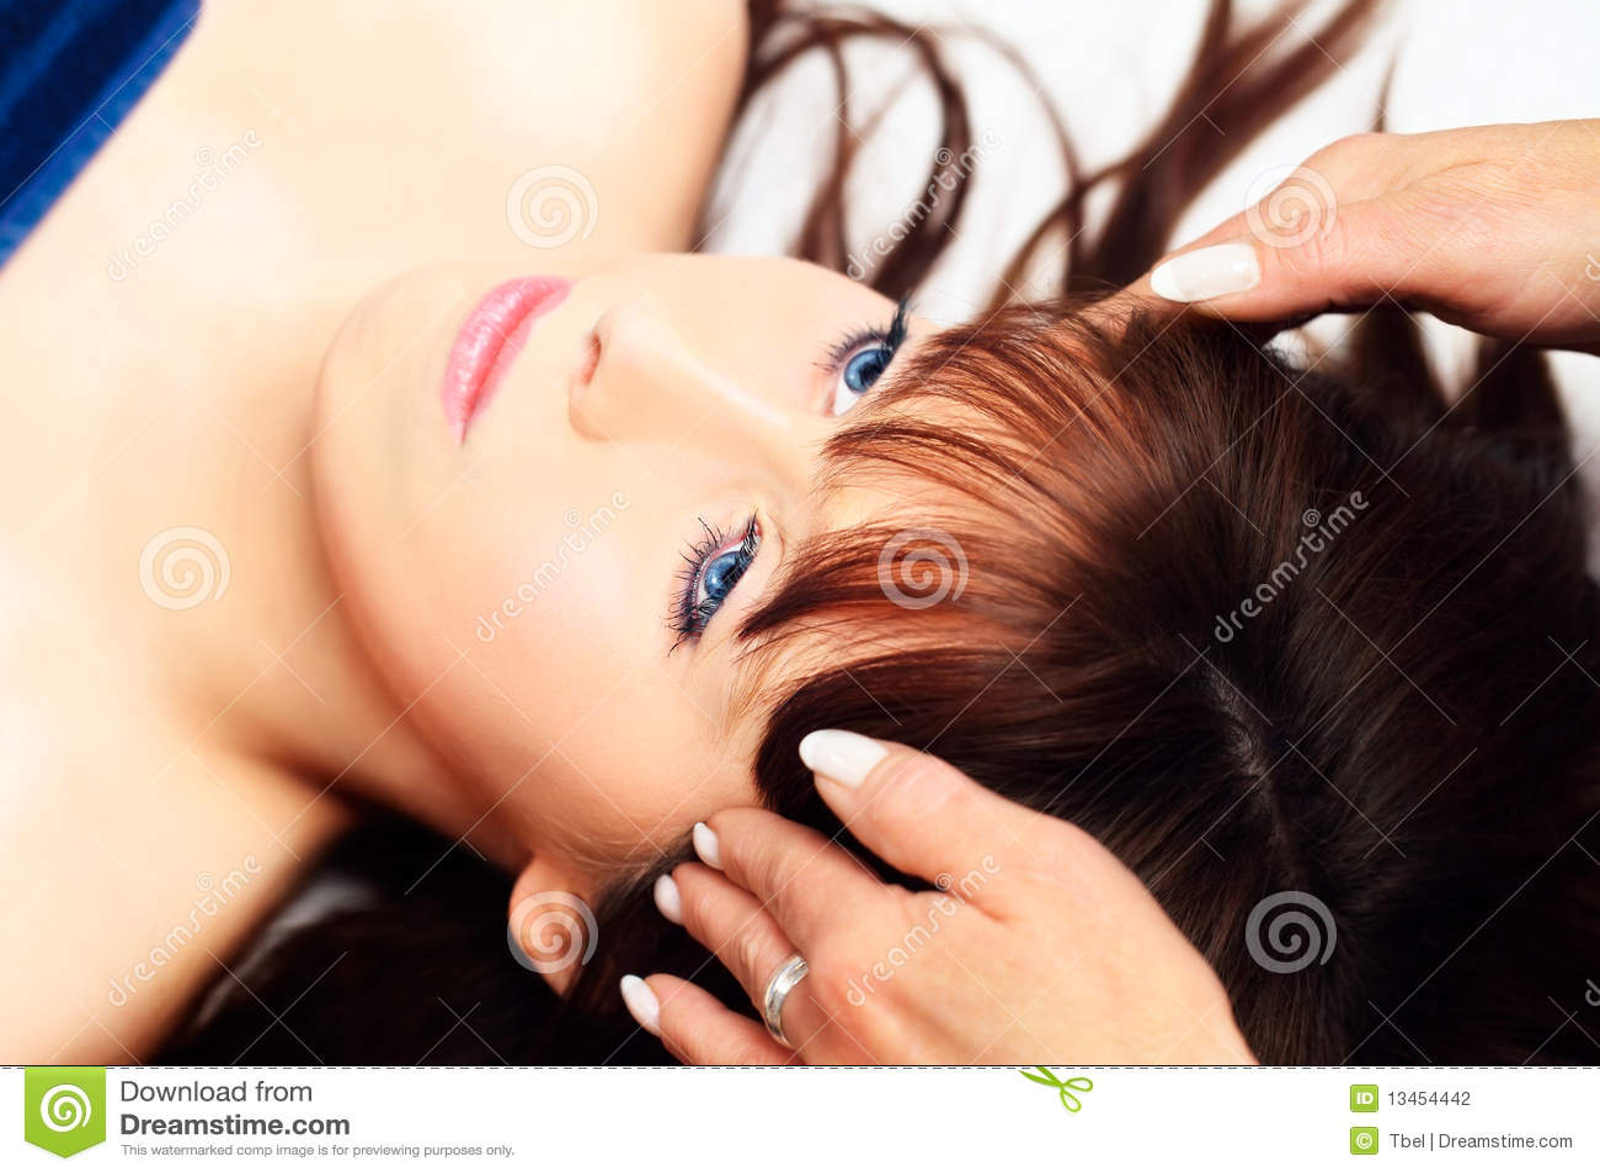 lang haar massage gelaats